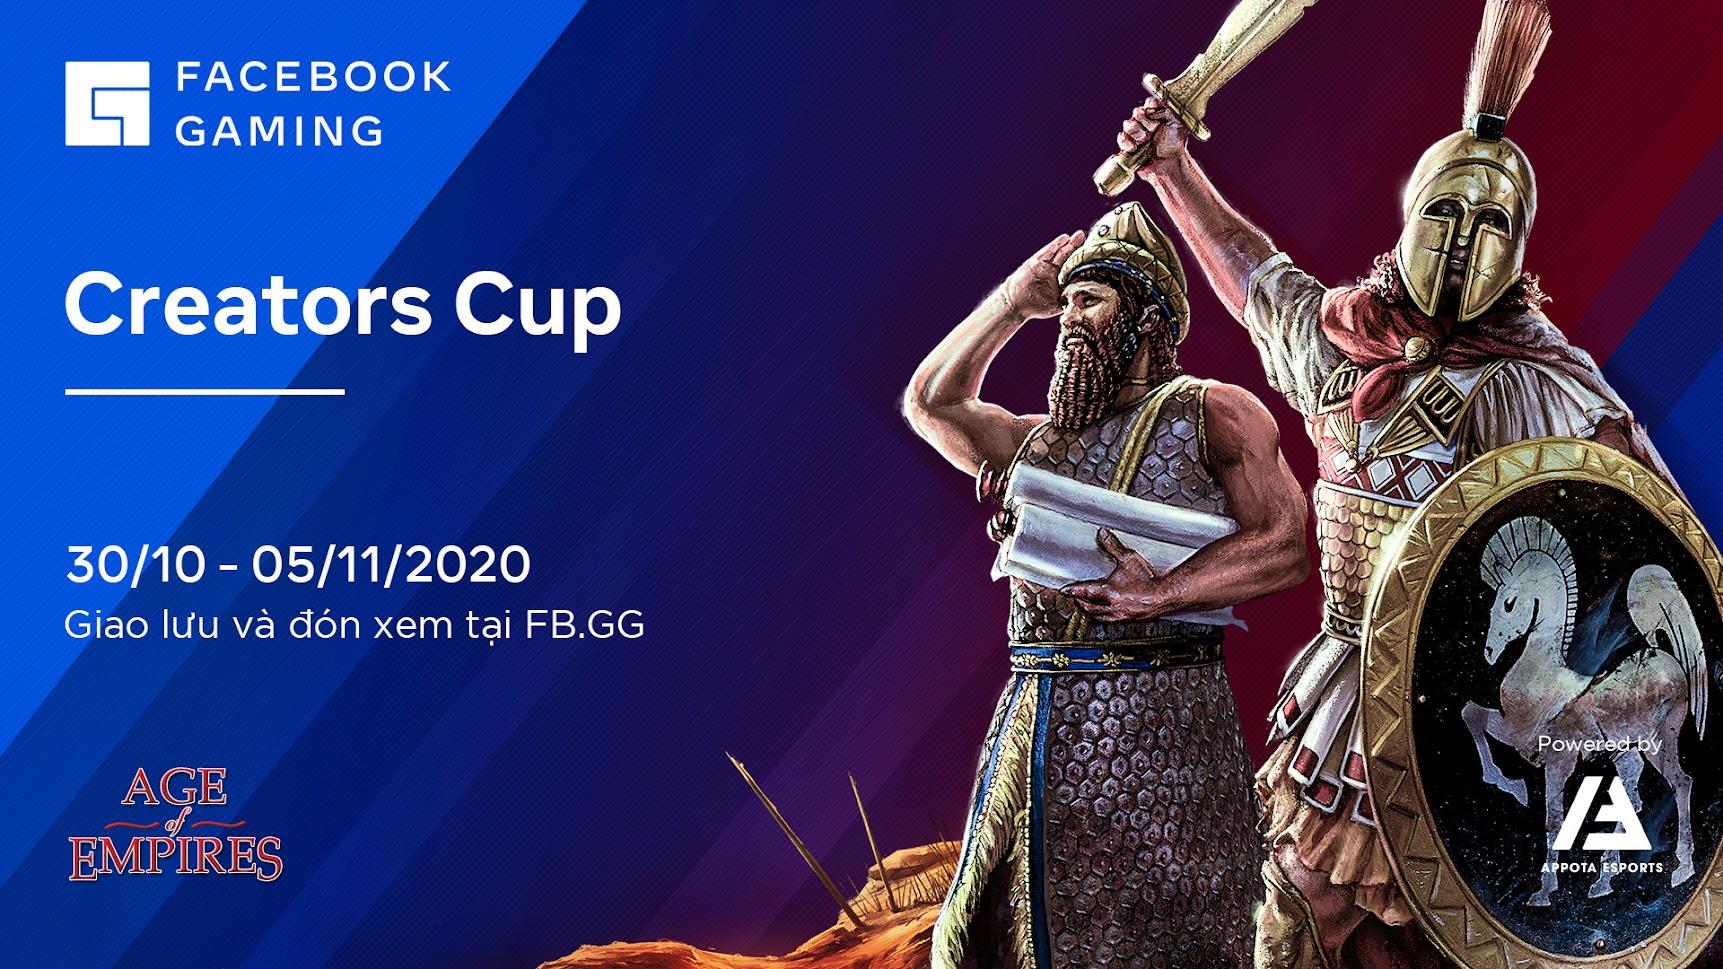 Facebook Creators Cup - Bảng Xếp Hạng và Cập Nhật Kết Quả